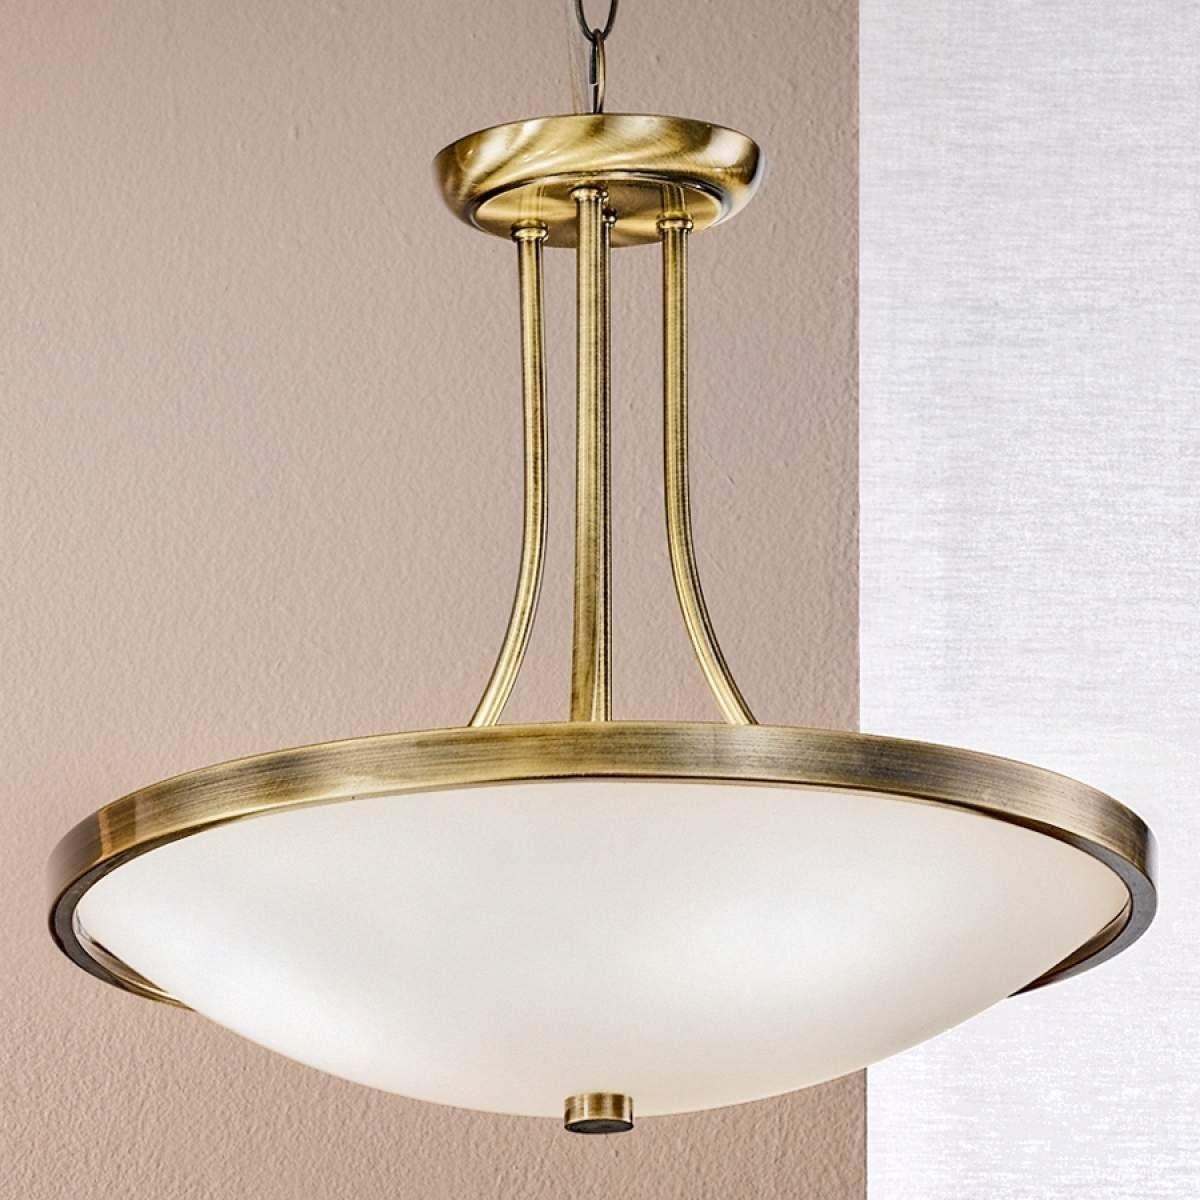 Designer Stehlampen Wohnzimmer Pendelleuchte Kupfer Mehrflammig Schone Leuchten Tischlampe Mit Led Led Dec Hangeleuchte Pendelleuchte Dekorative Lampen